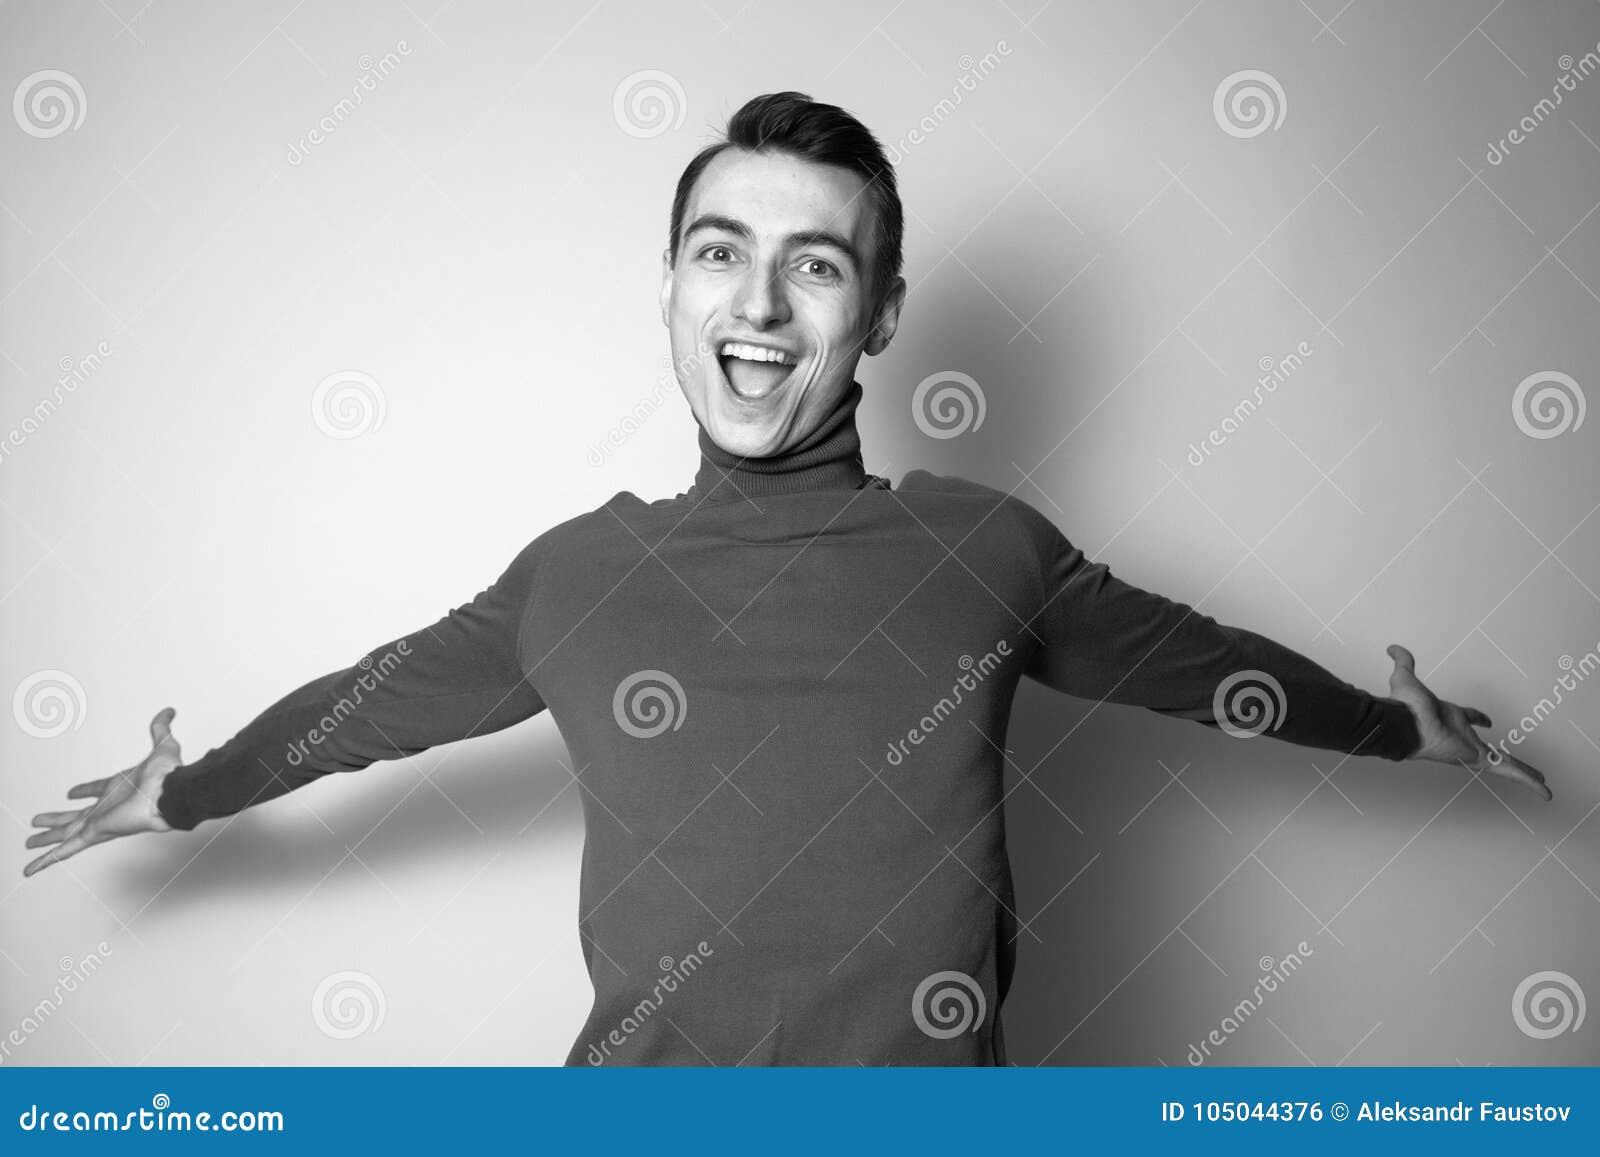 O retrato preto e branco de um novo abre o homem ocupado em uma ligação em ponte da gola alta